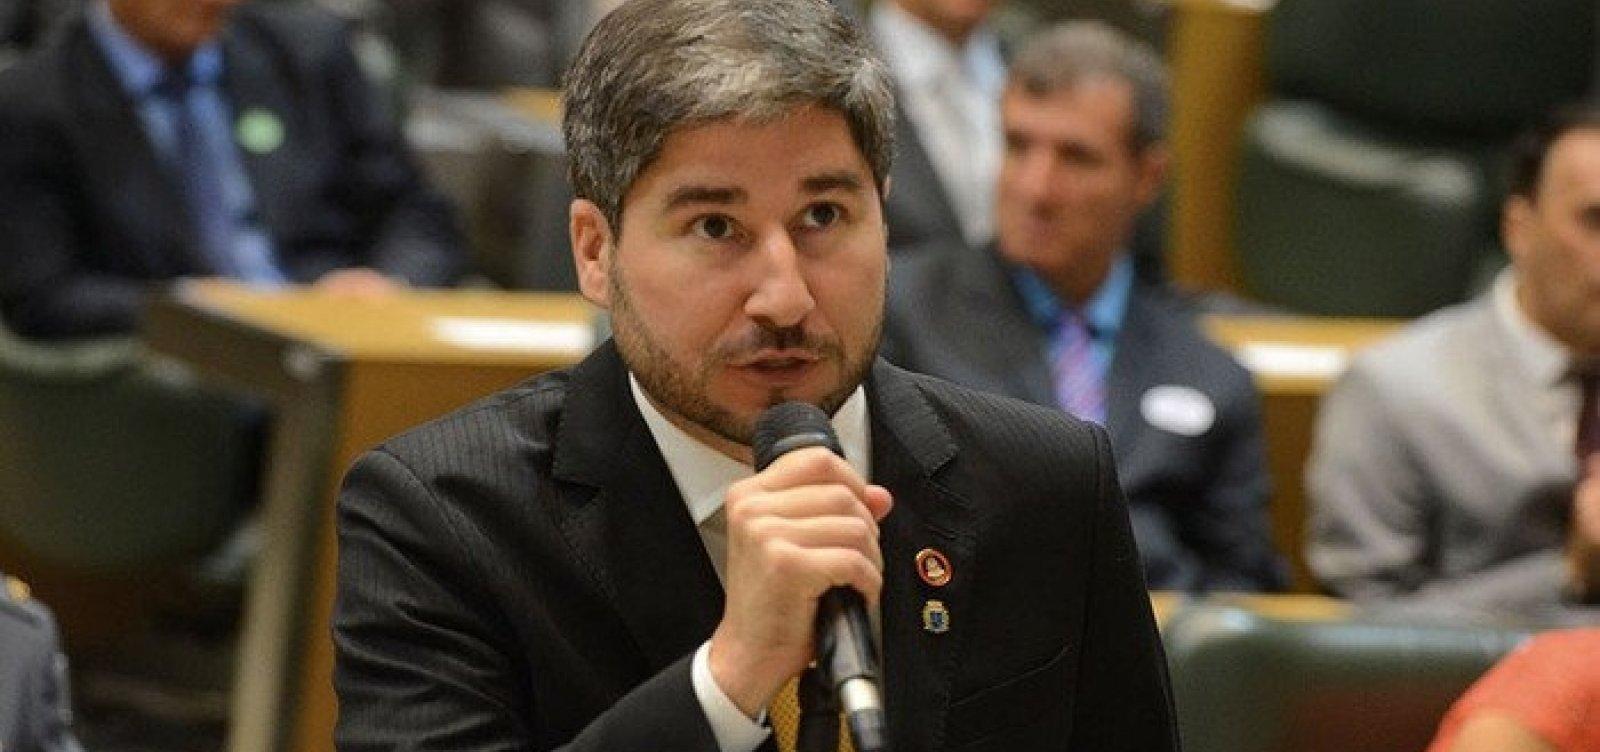 [Deputado que assediou colega parlamentar consegue liminar que suspende processo disciplinar do partido]